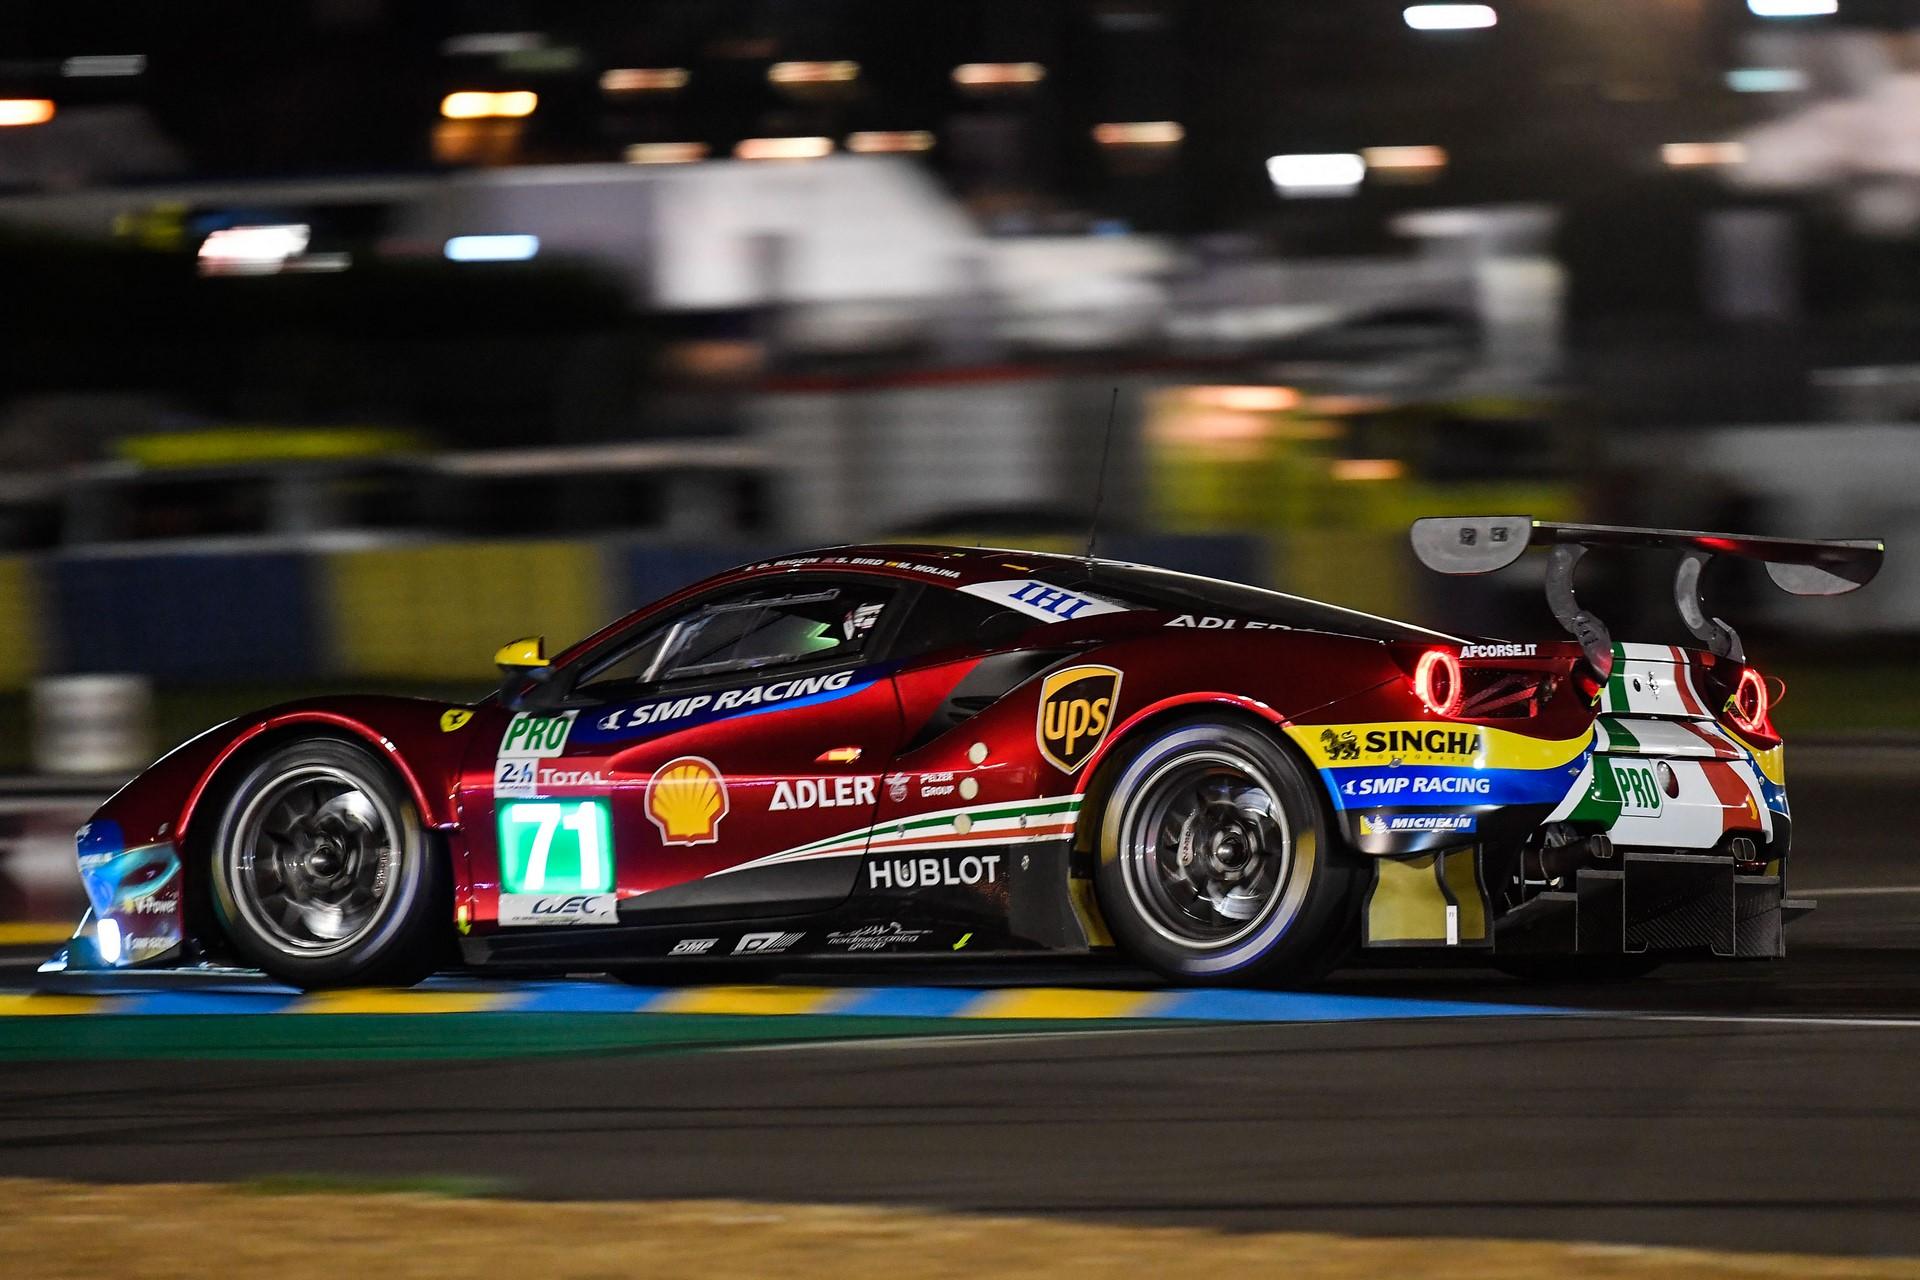 Le-Mans-2018-23